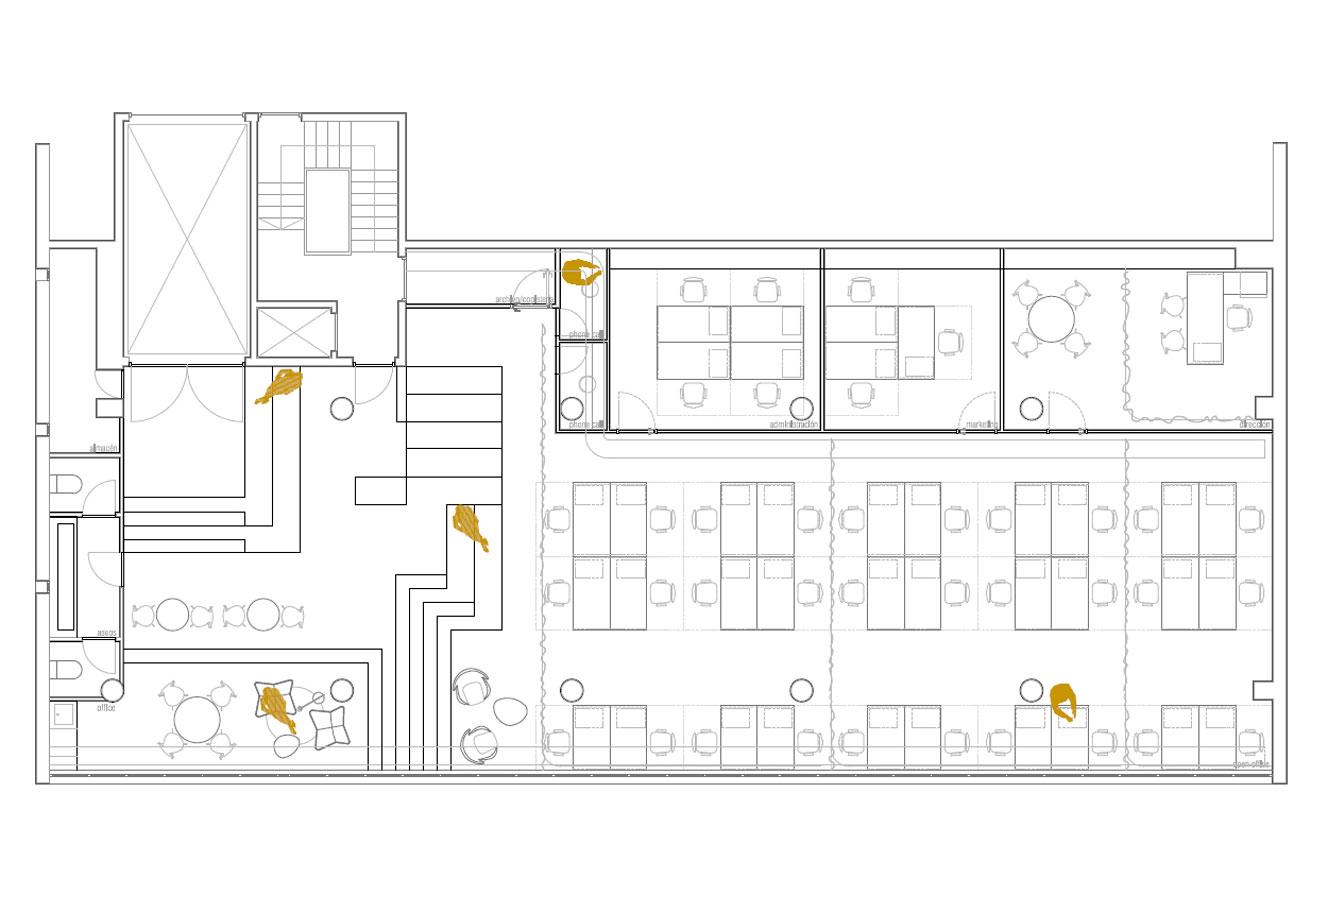 Dise o de oficinas en un edificio industrial garmendia for Bbk bank cajasur oficinas